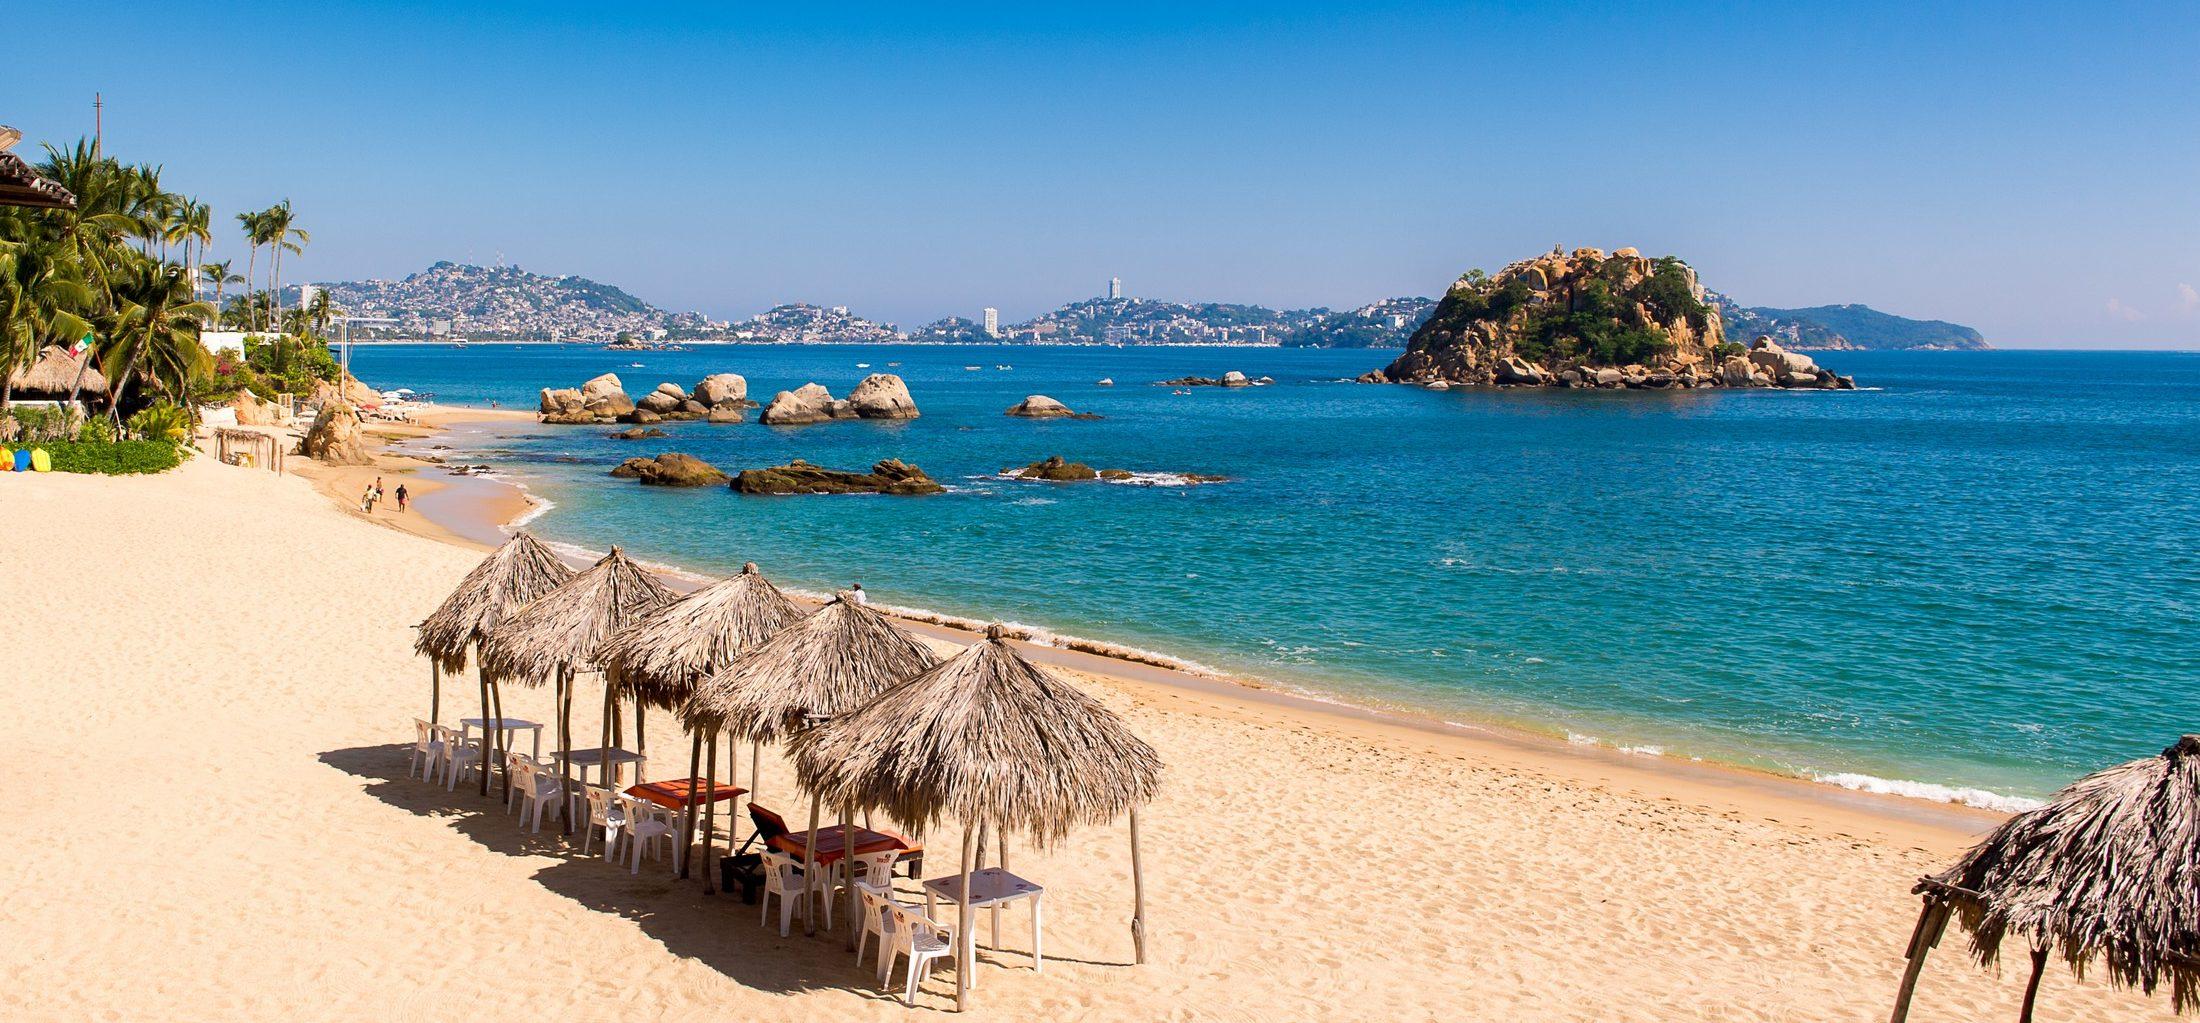 Acapulco plage mexique